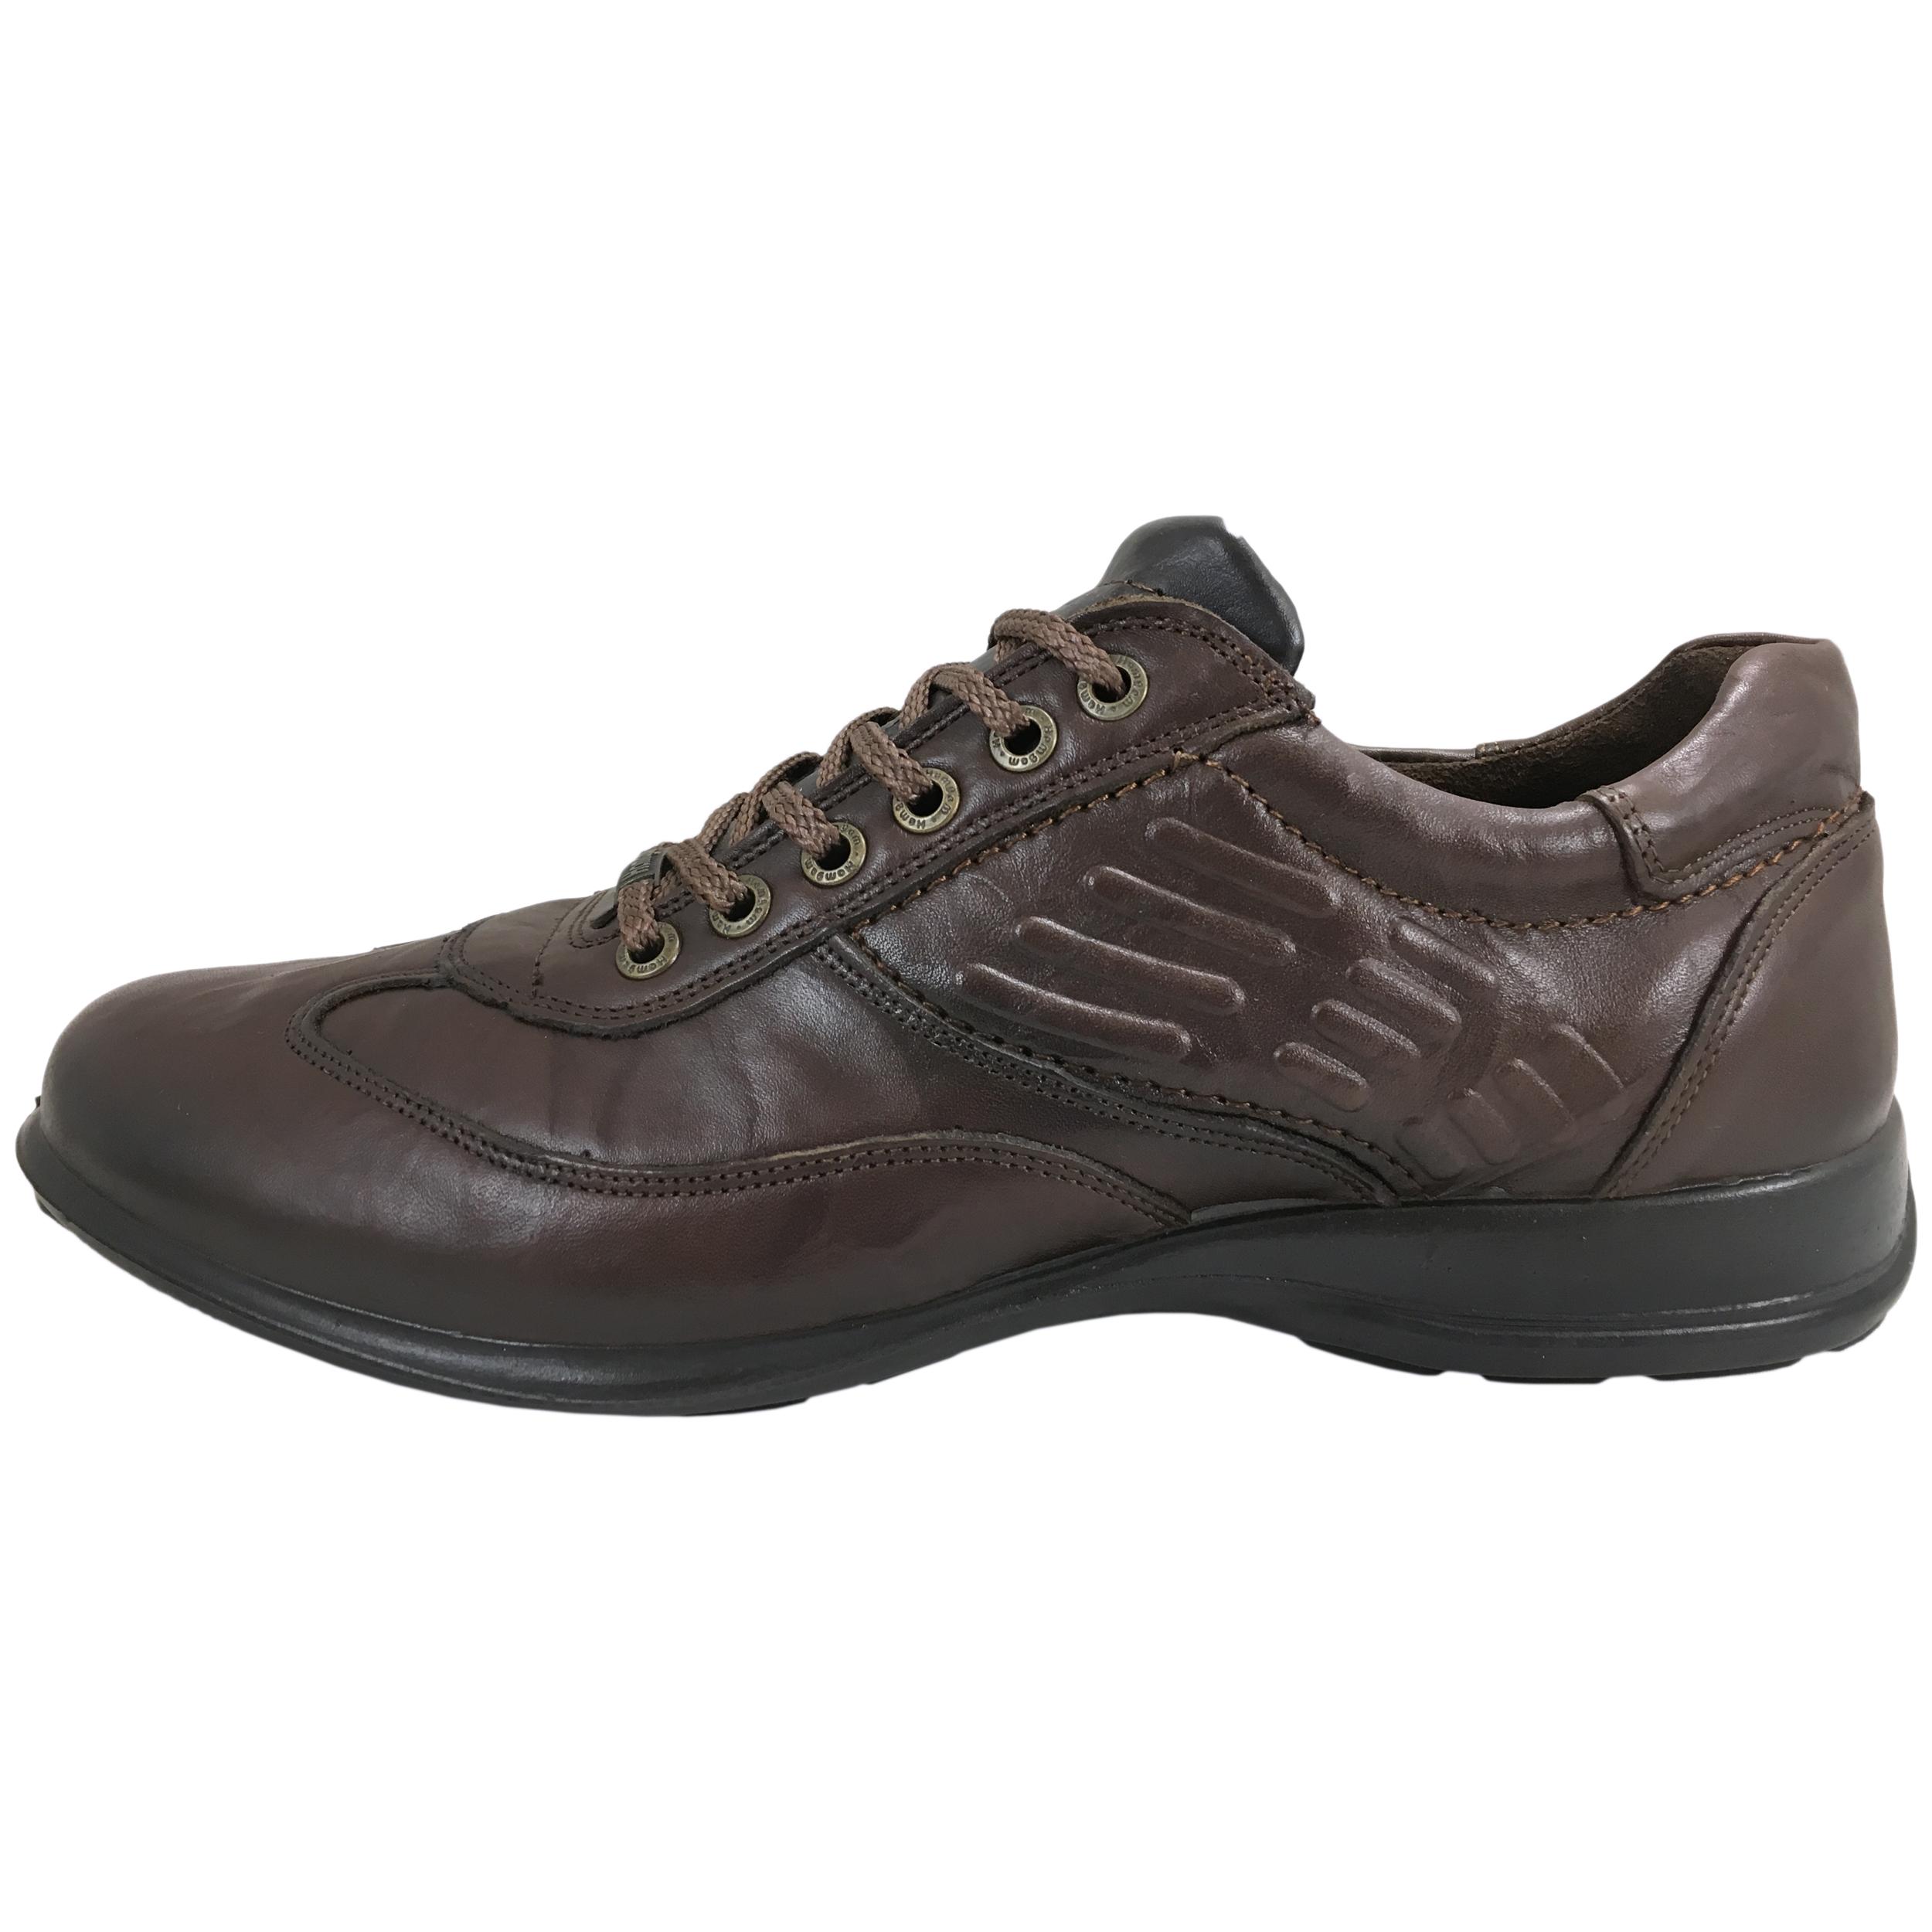 کفش مردانه همگام مدل اسکوتر کد 3294